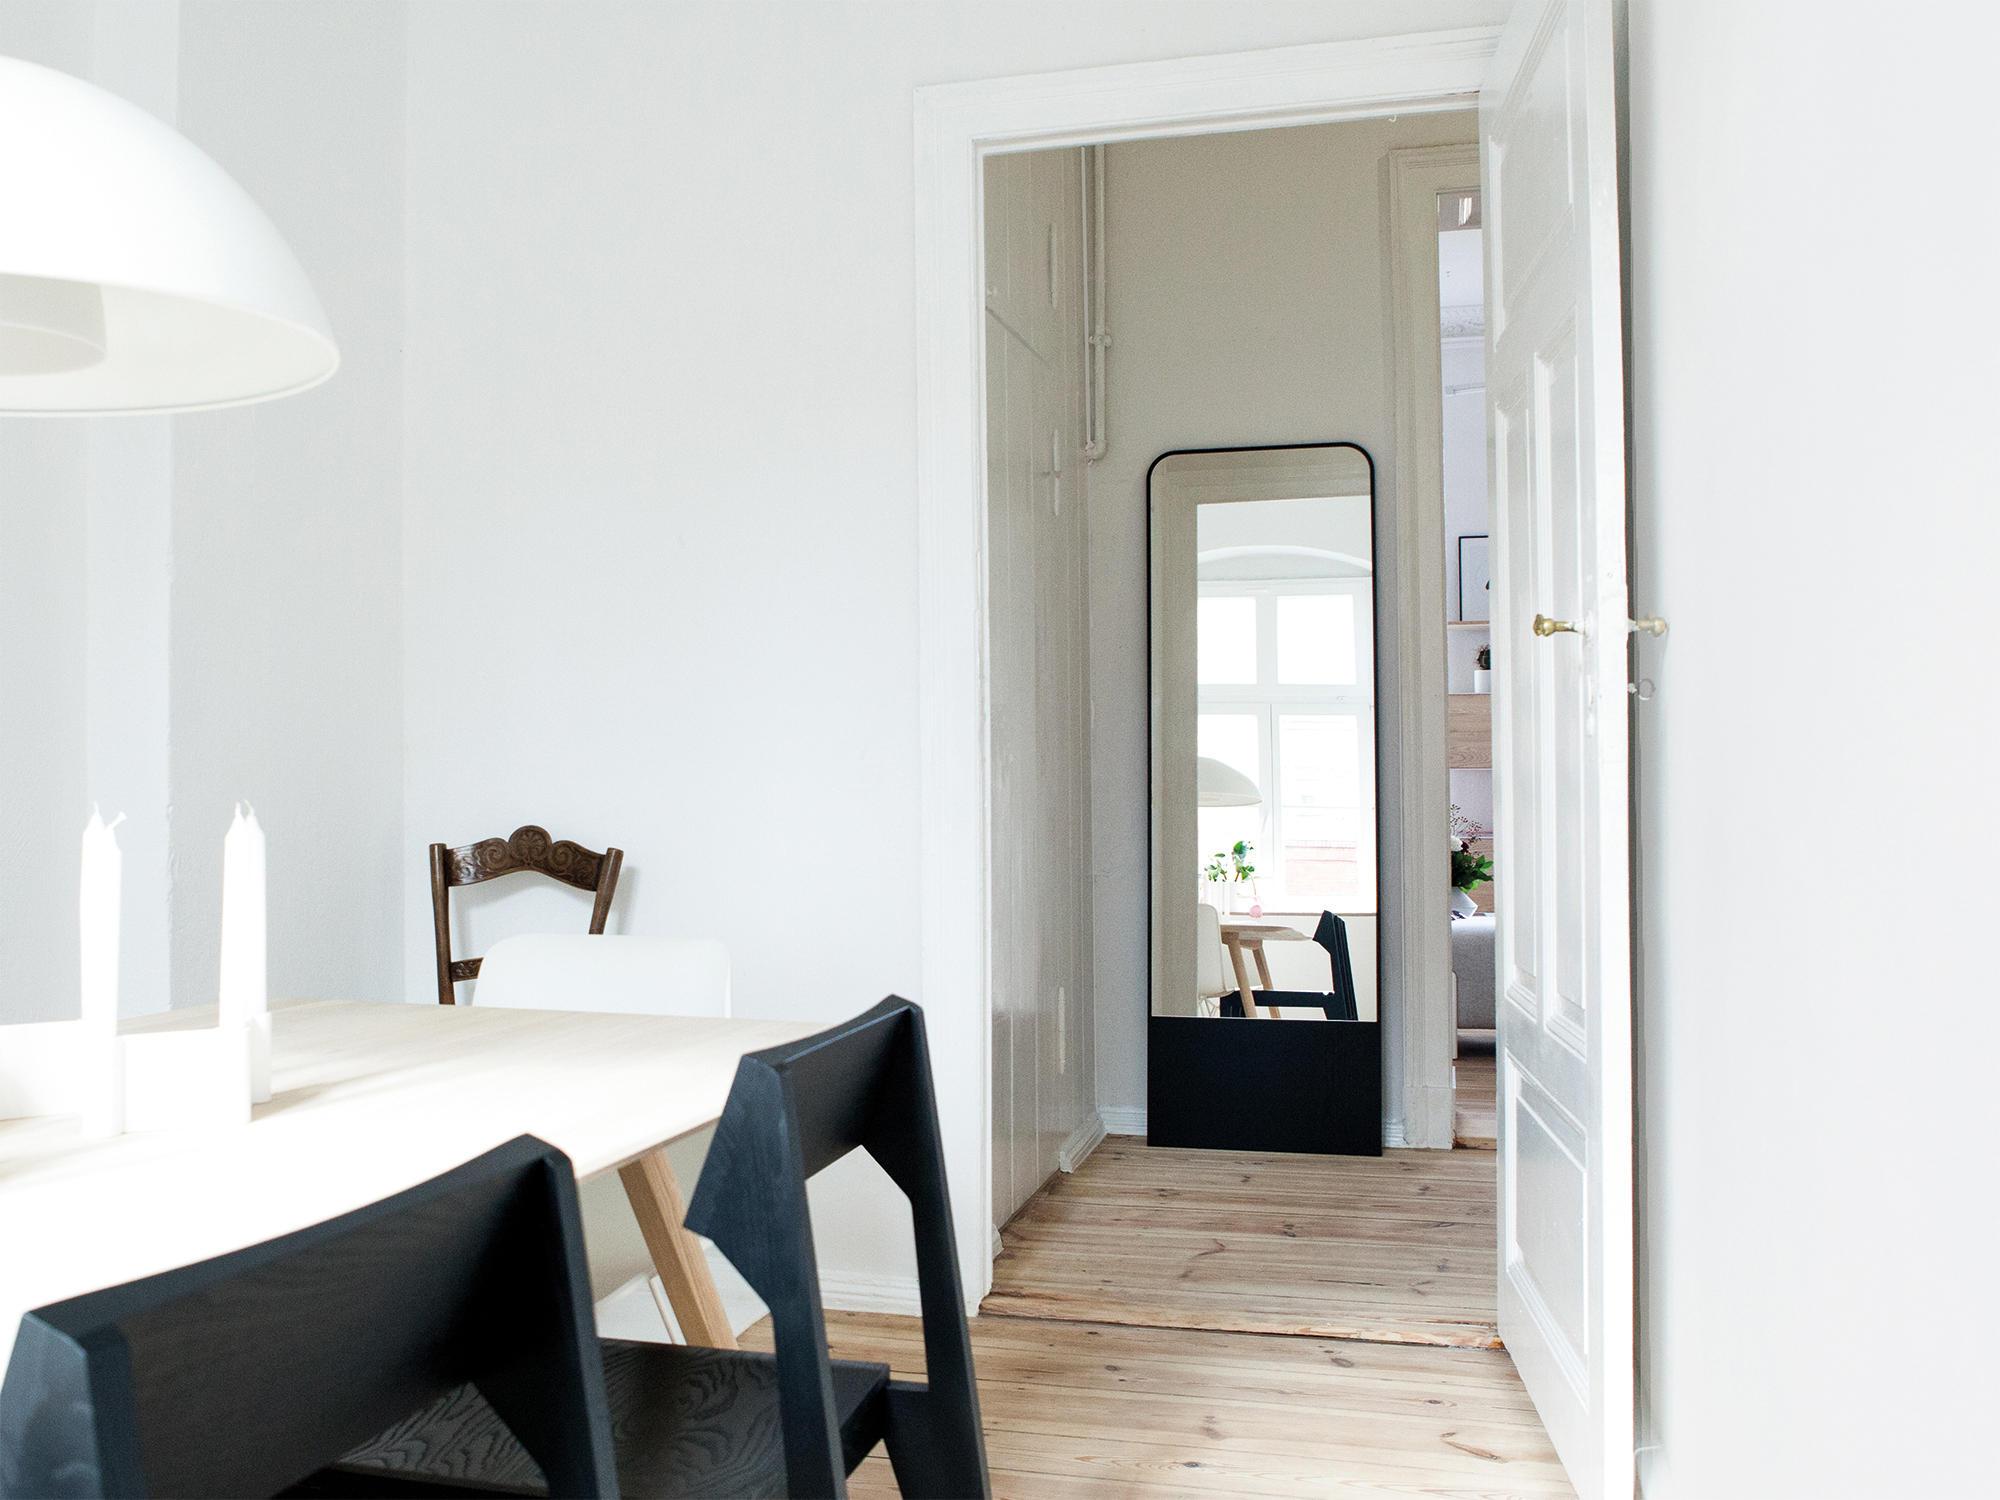 schneider spiegel von objekte unserer tage architonic. Black Bedroom Furniture Sets. Home Design Ideas